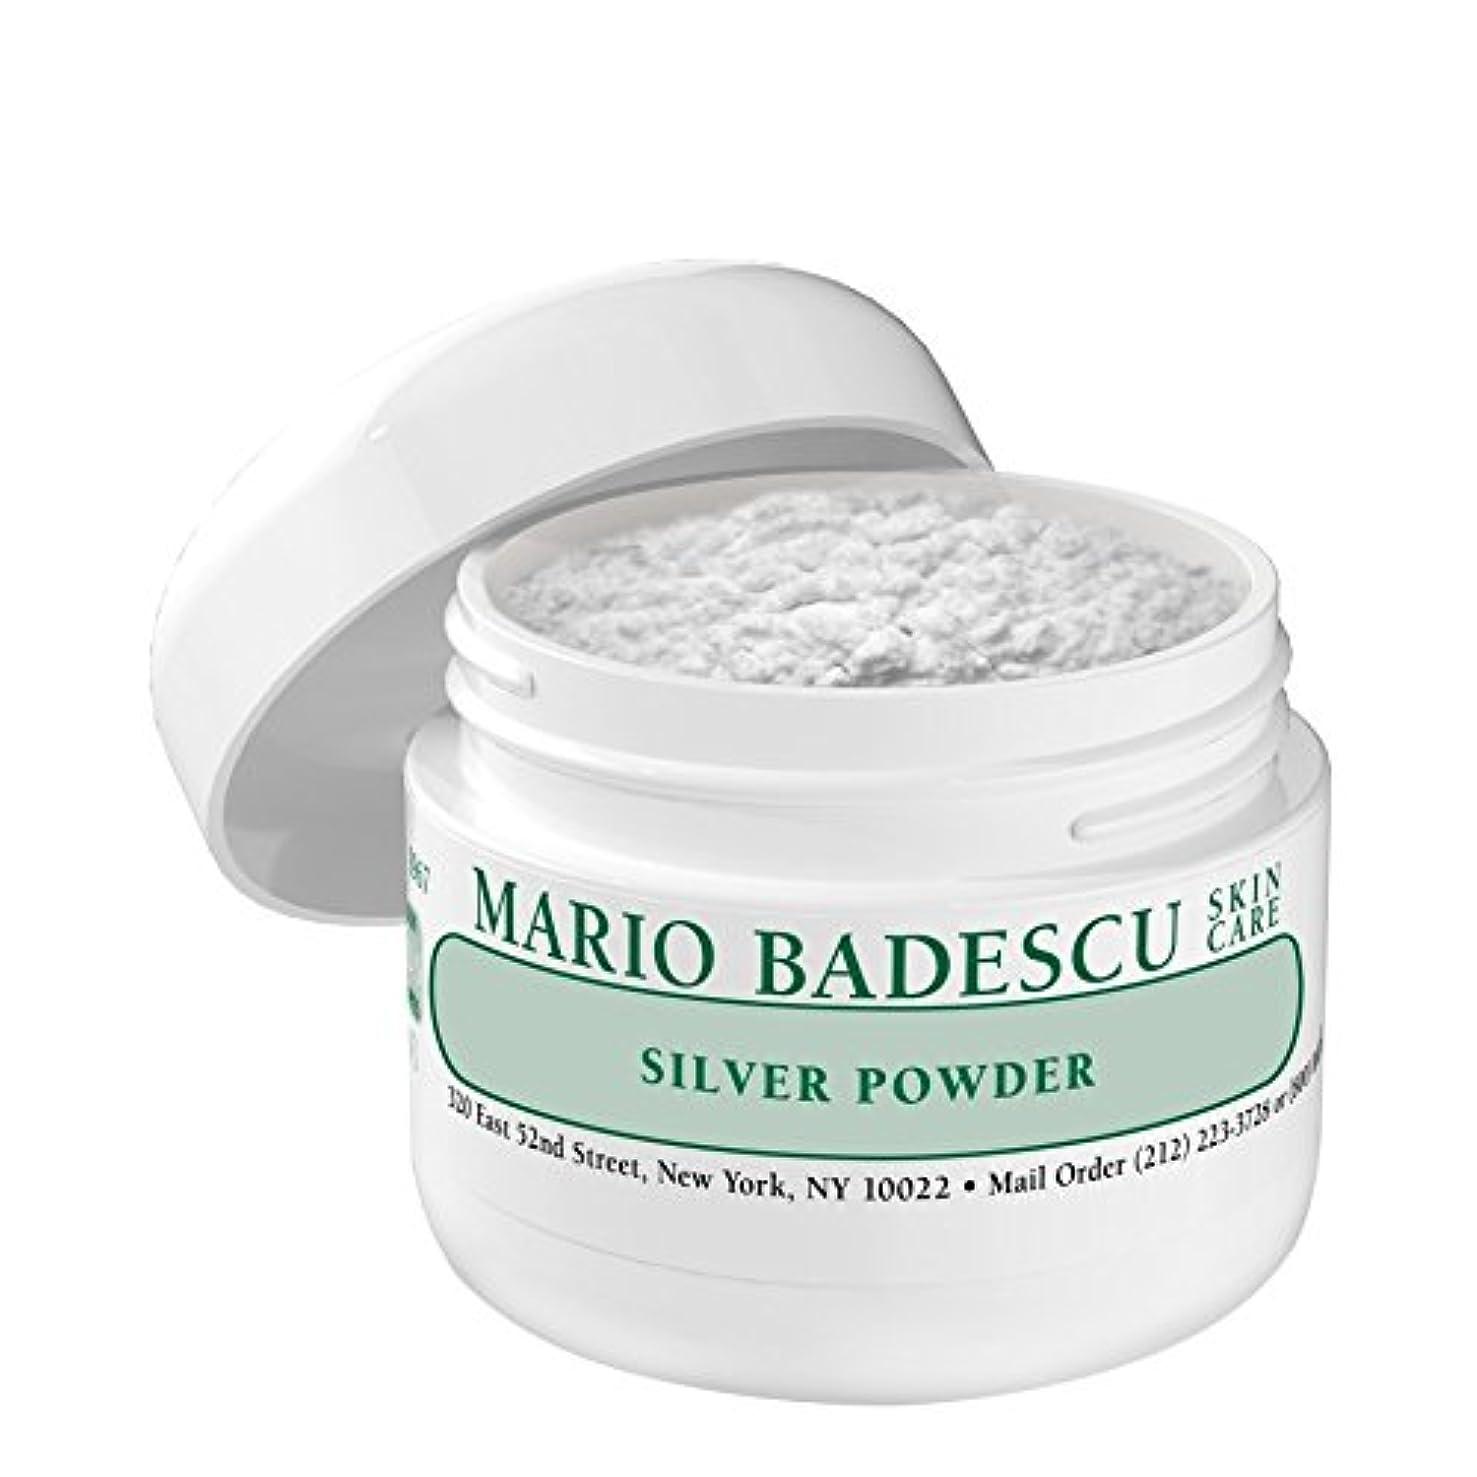 忘れっぽい入口小包マリオ?バデスキュー銀粉末 x2 - Mario Badescu Silver Powder (Pack of 2) [並行輸入品]